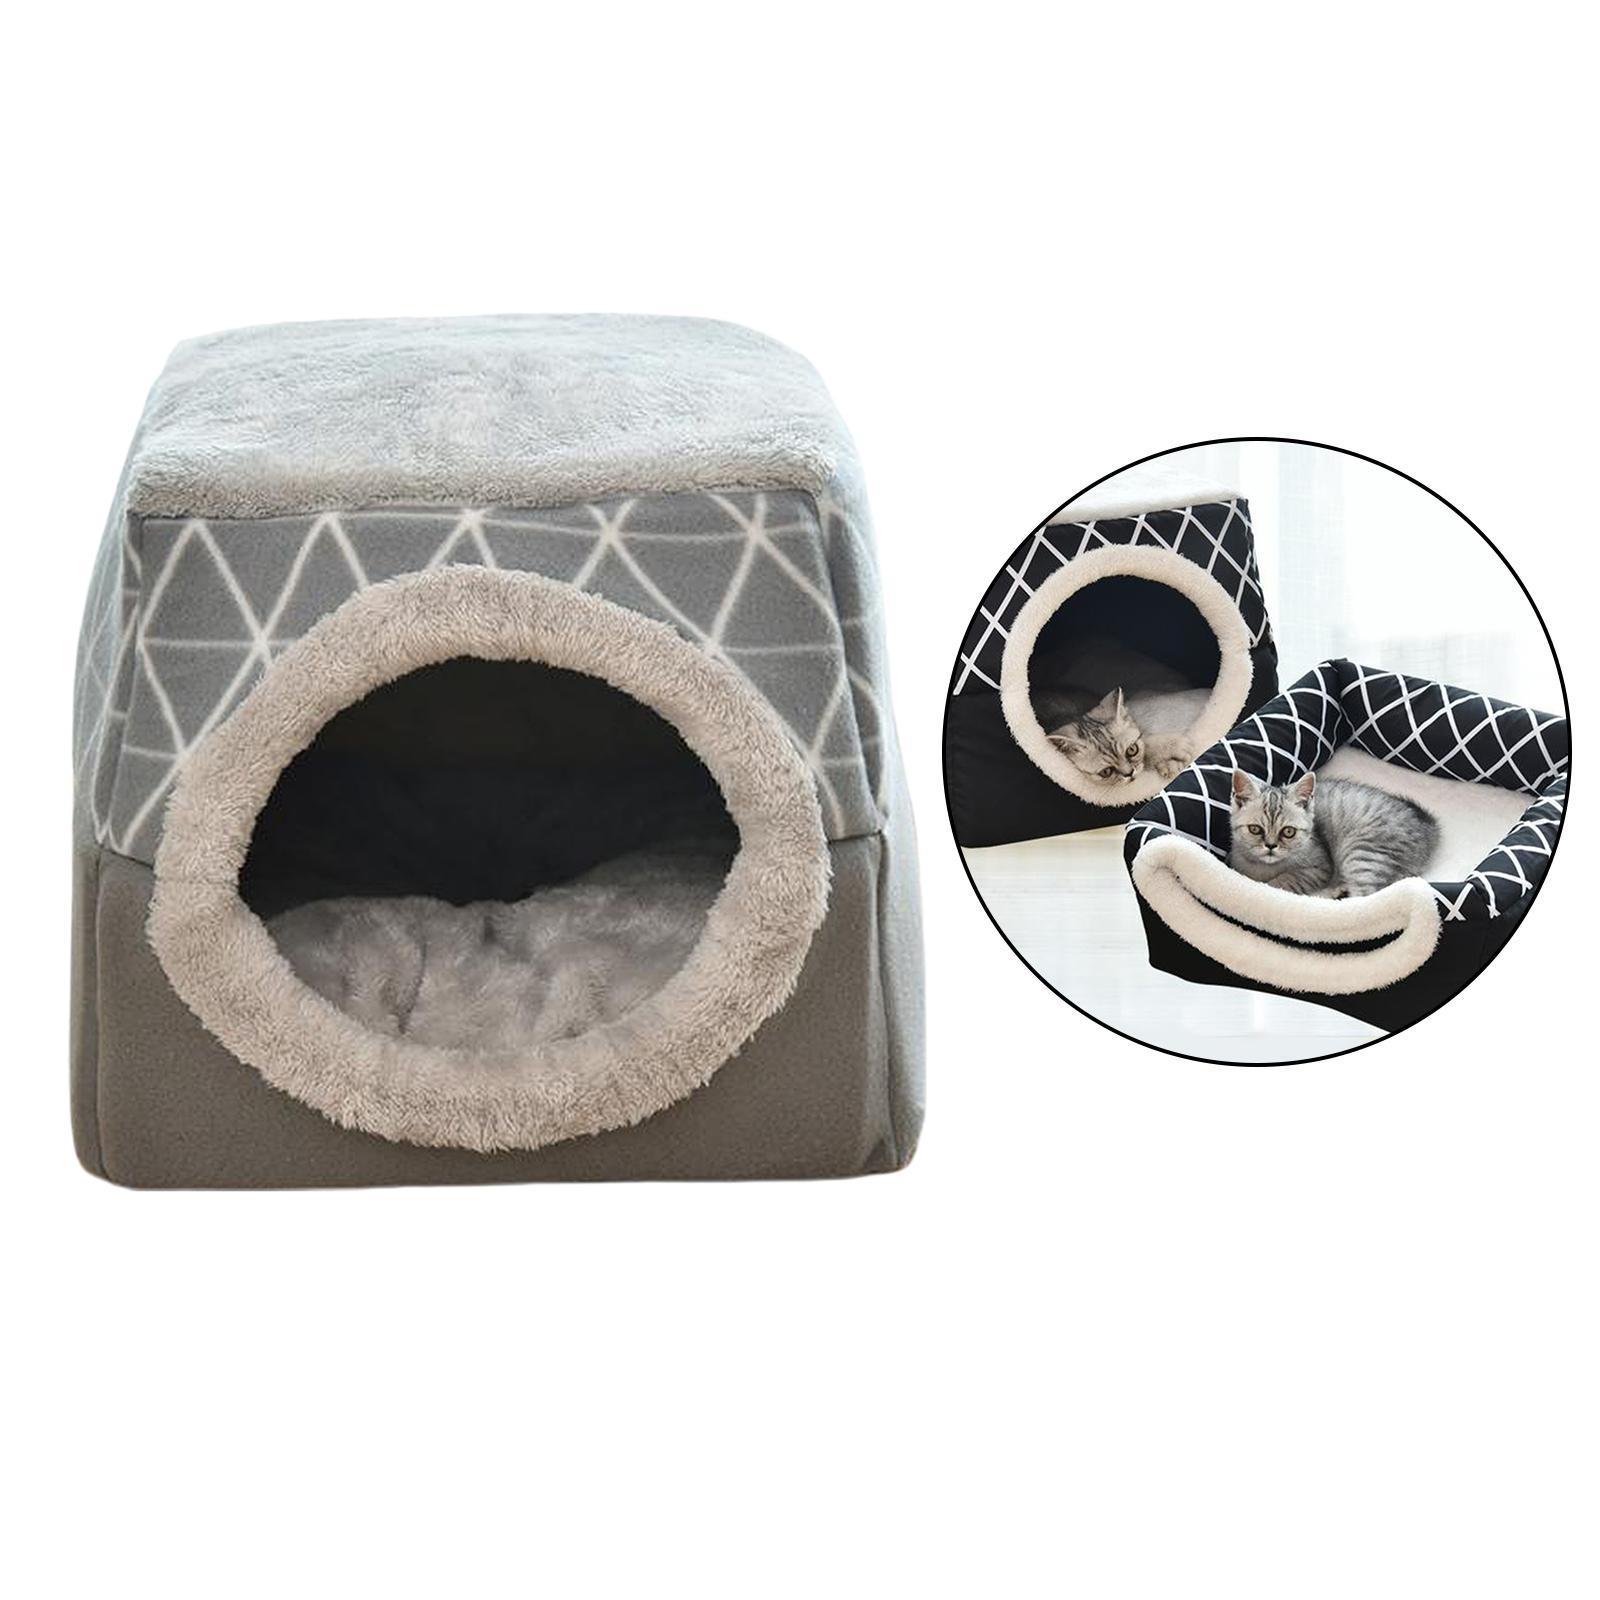 Indexbild 11 - 2-in-1-Weichen-Katzen-Haus-Schlafen-Bett-Zwinger-Puppy-Cave-Warme-Nest-Matte